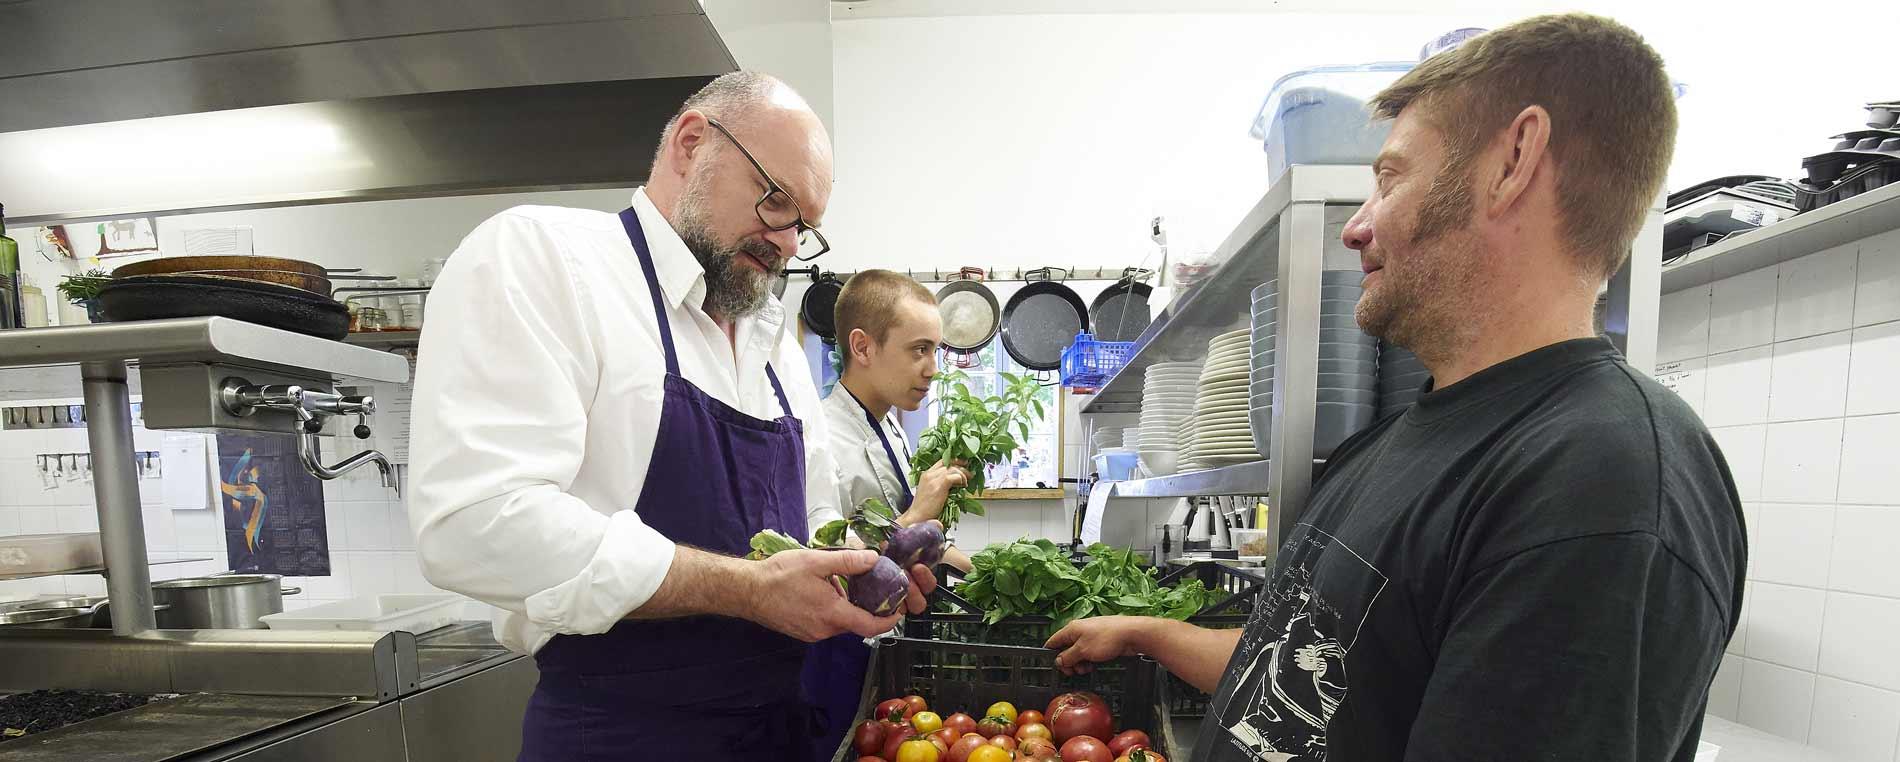 Xavier Hamon, une autre vision de la cuisine